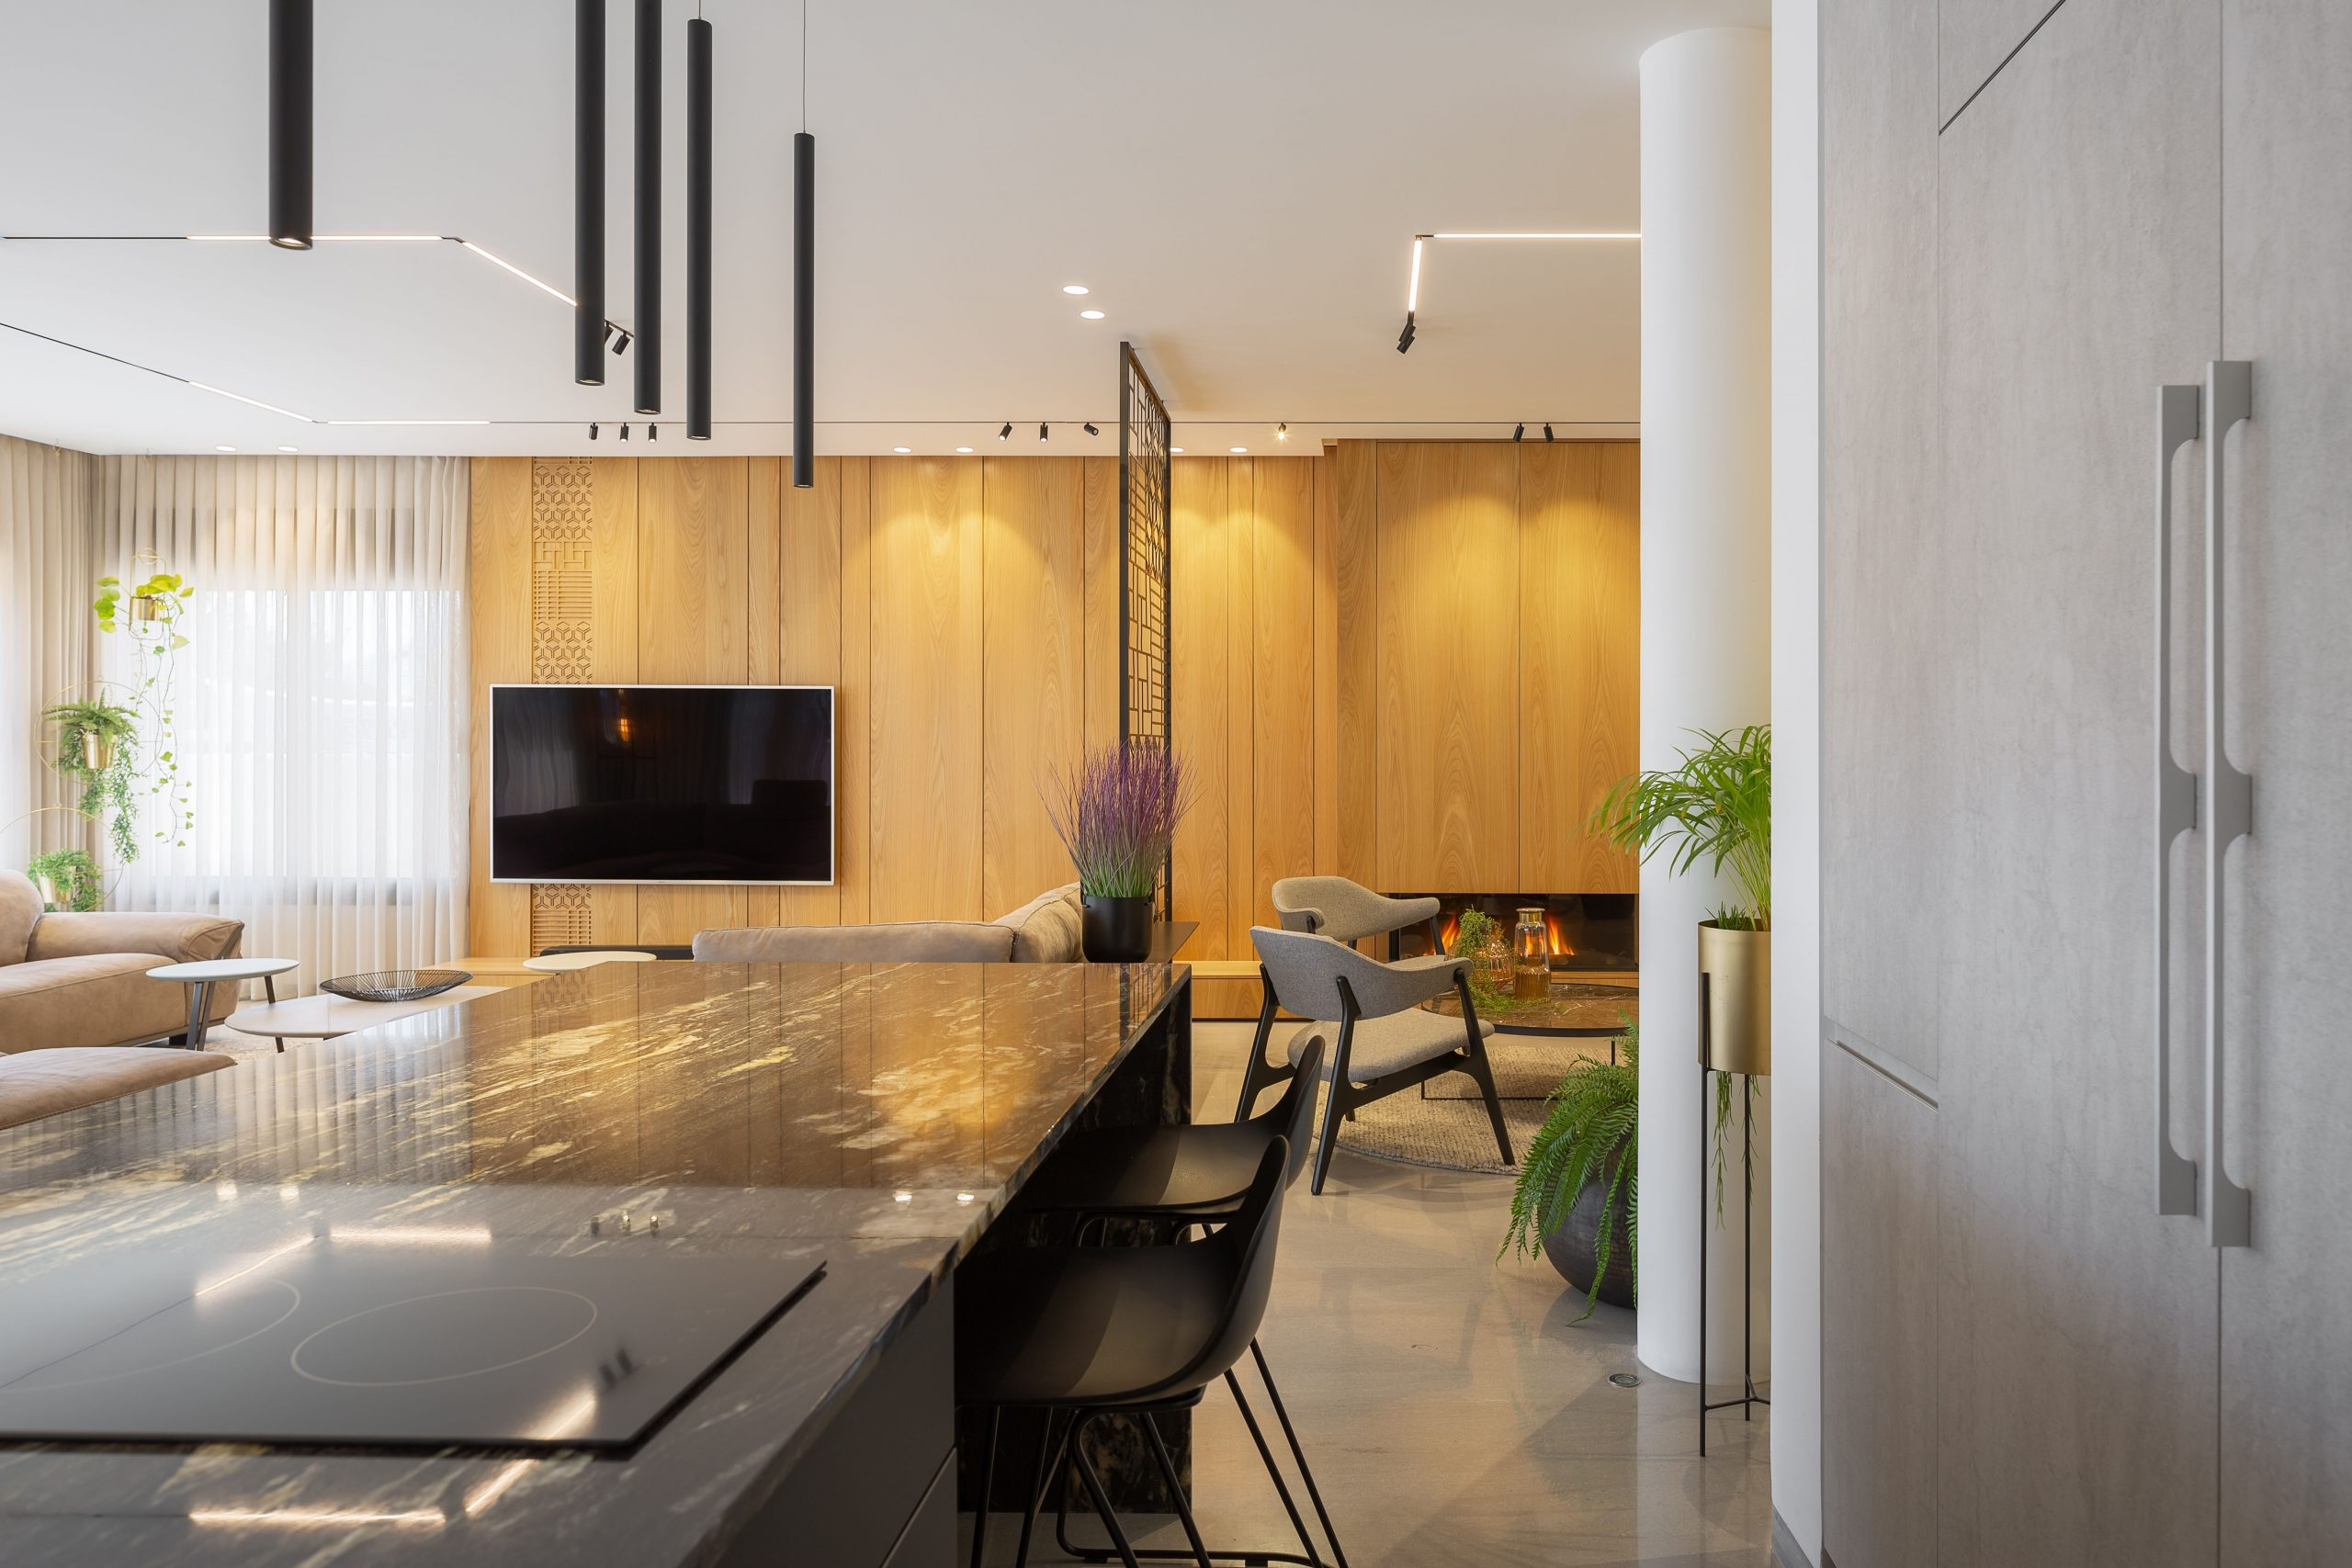 גופי תאורה מעוצבים למטבח